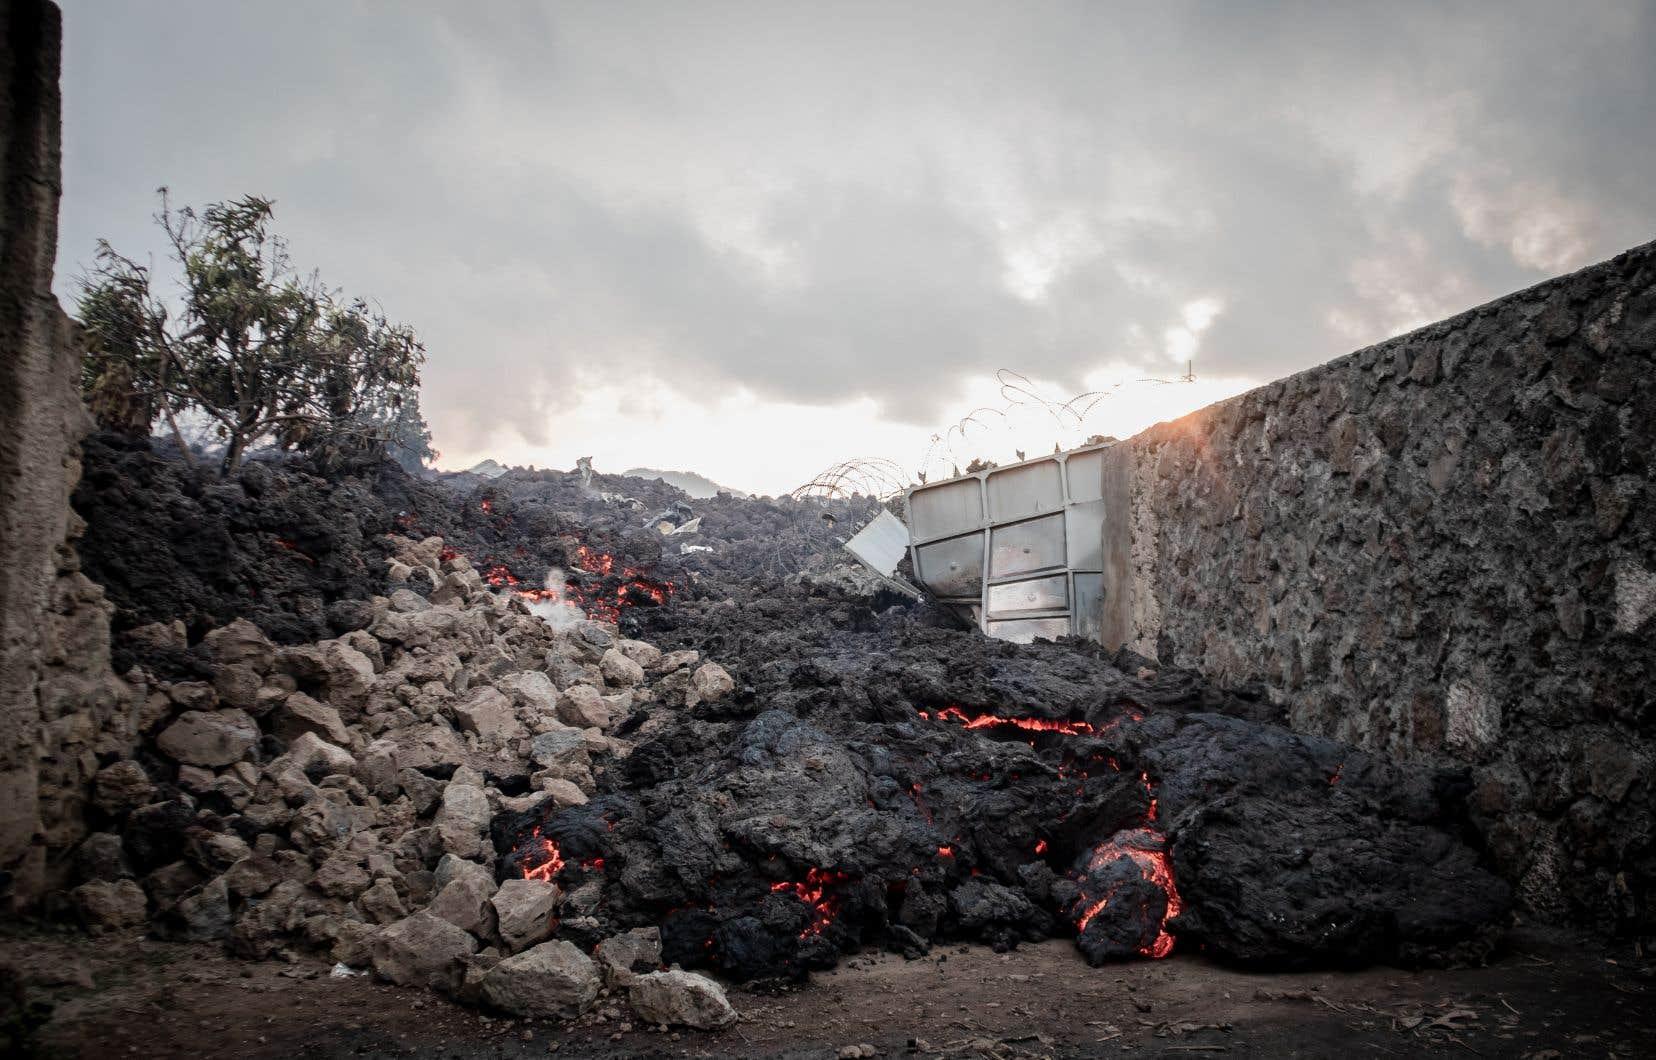 Aux alentours de Goma, de nombreuses habitations ont été englouties par la lave. L'éruption du Nyiragongo a commencé samedi soir, prenant habitants et autorités de court.